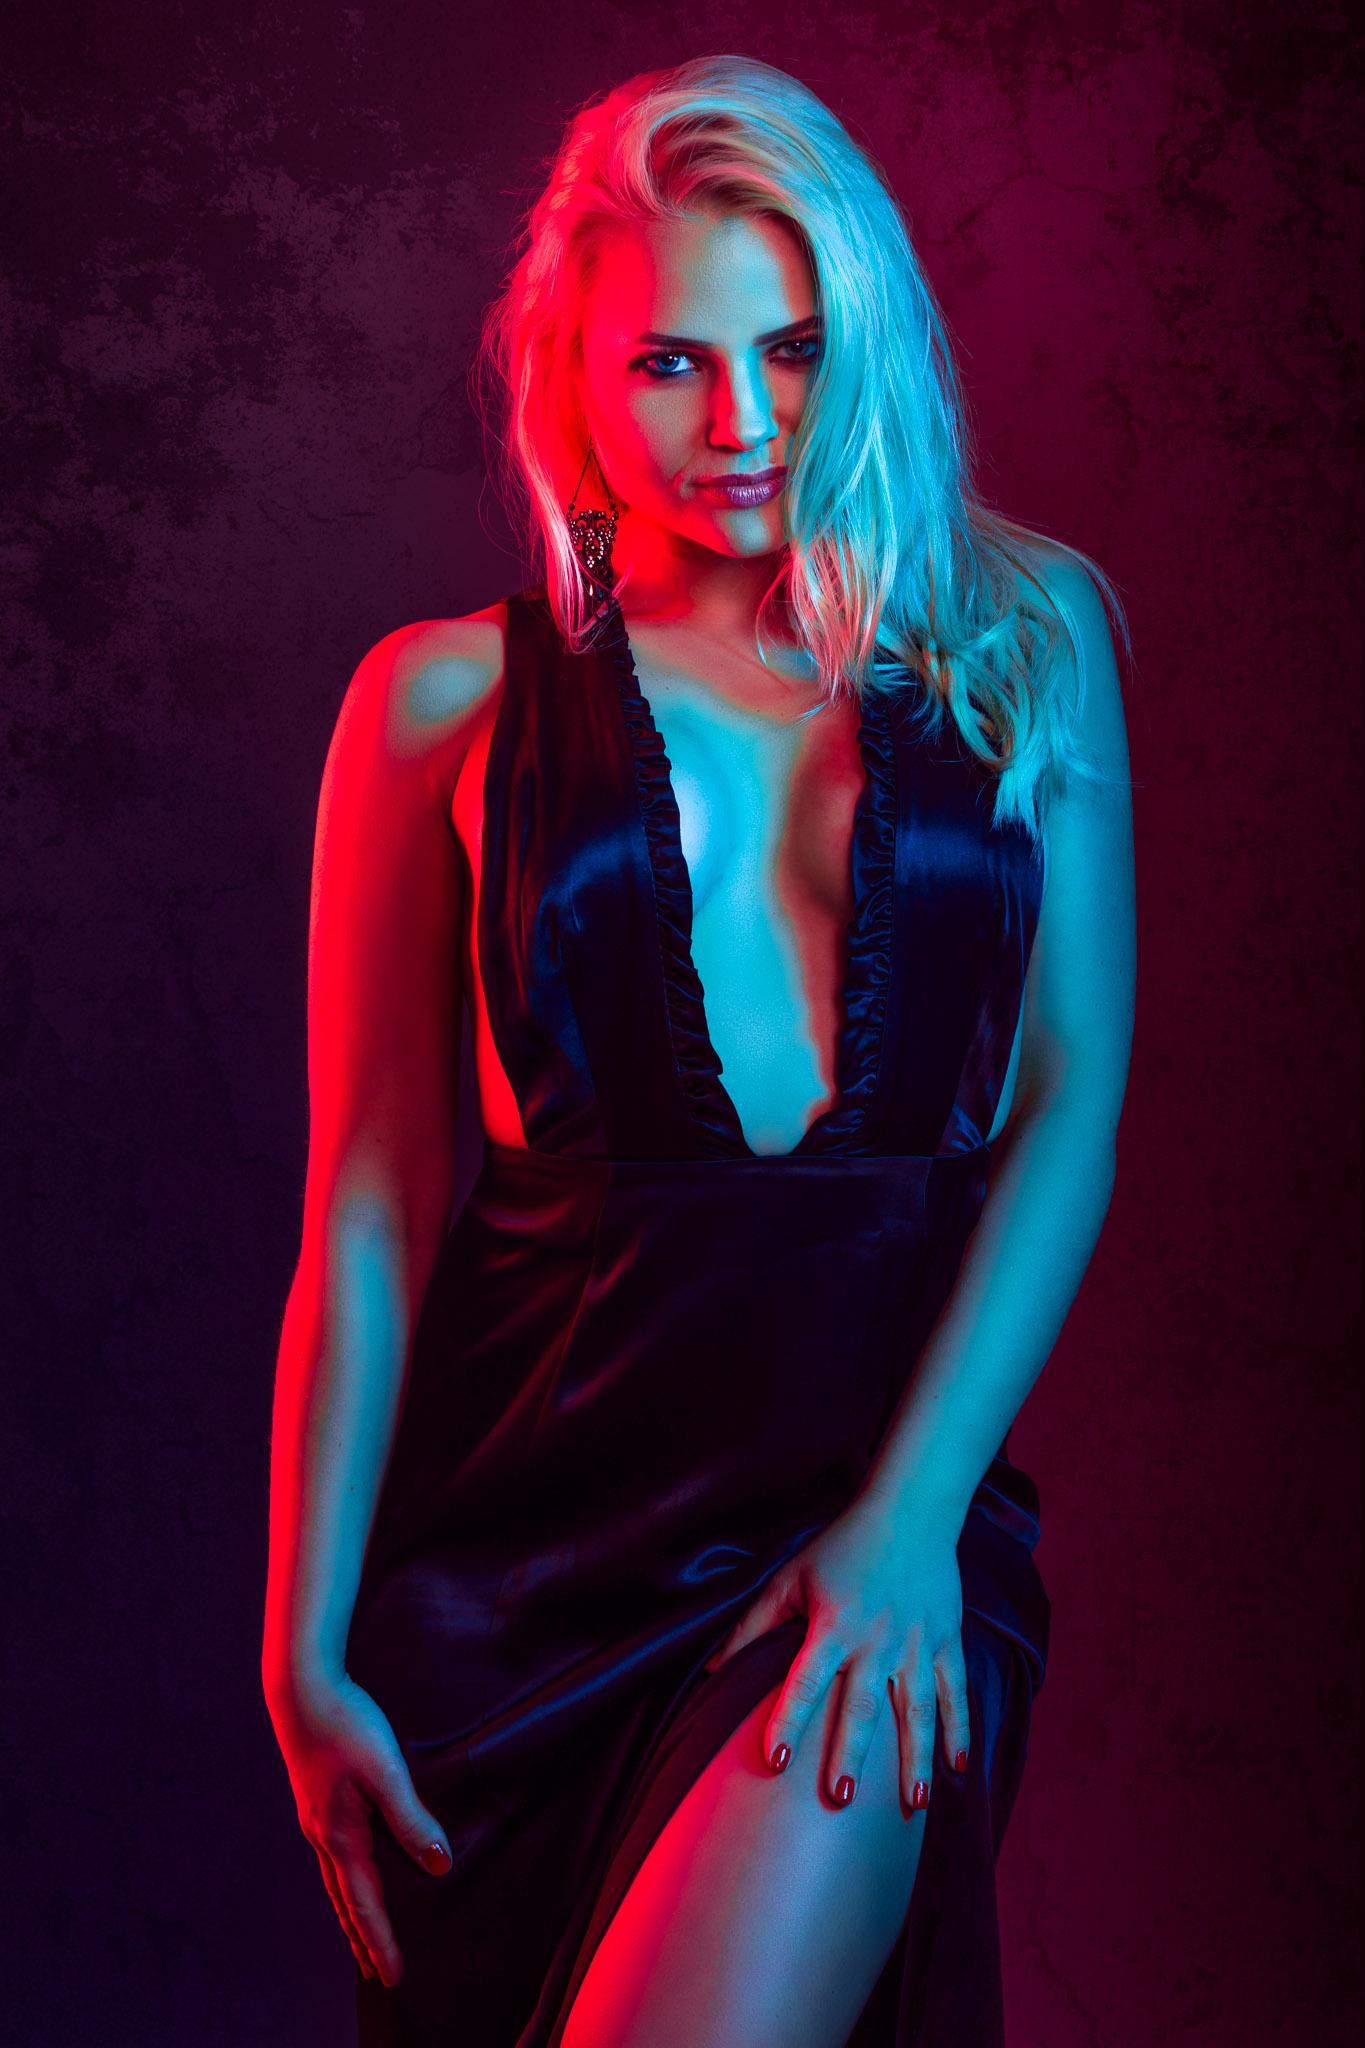 Model Daria